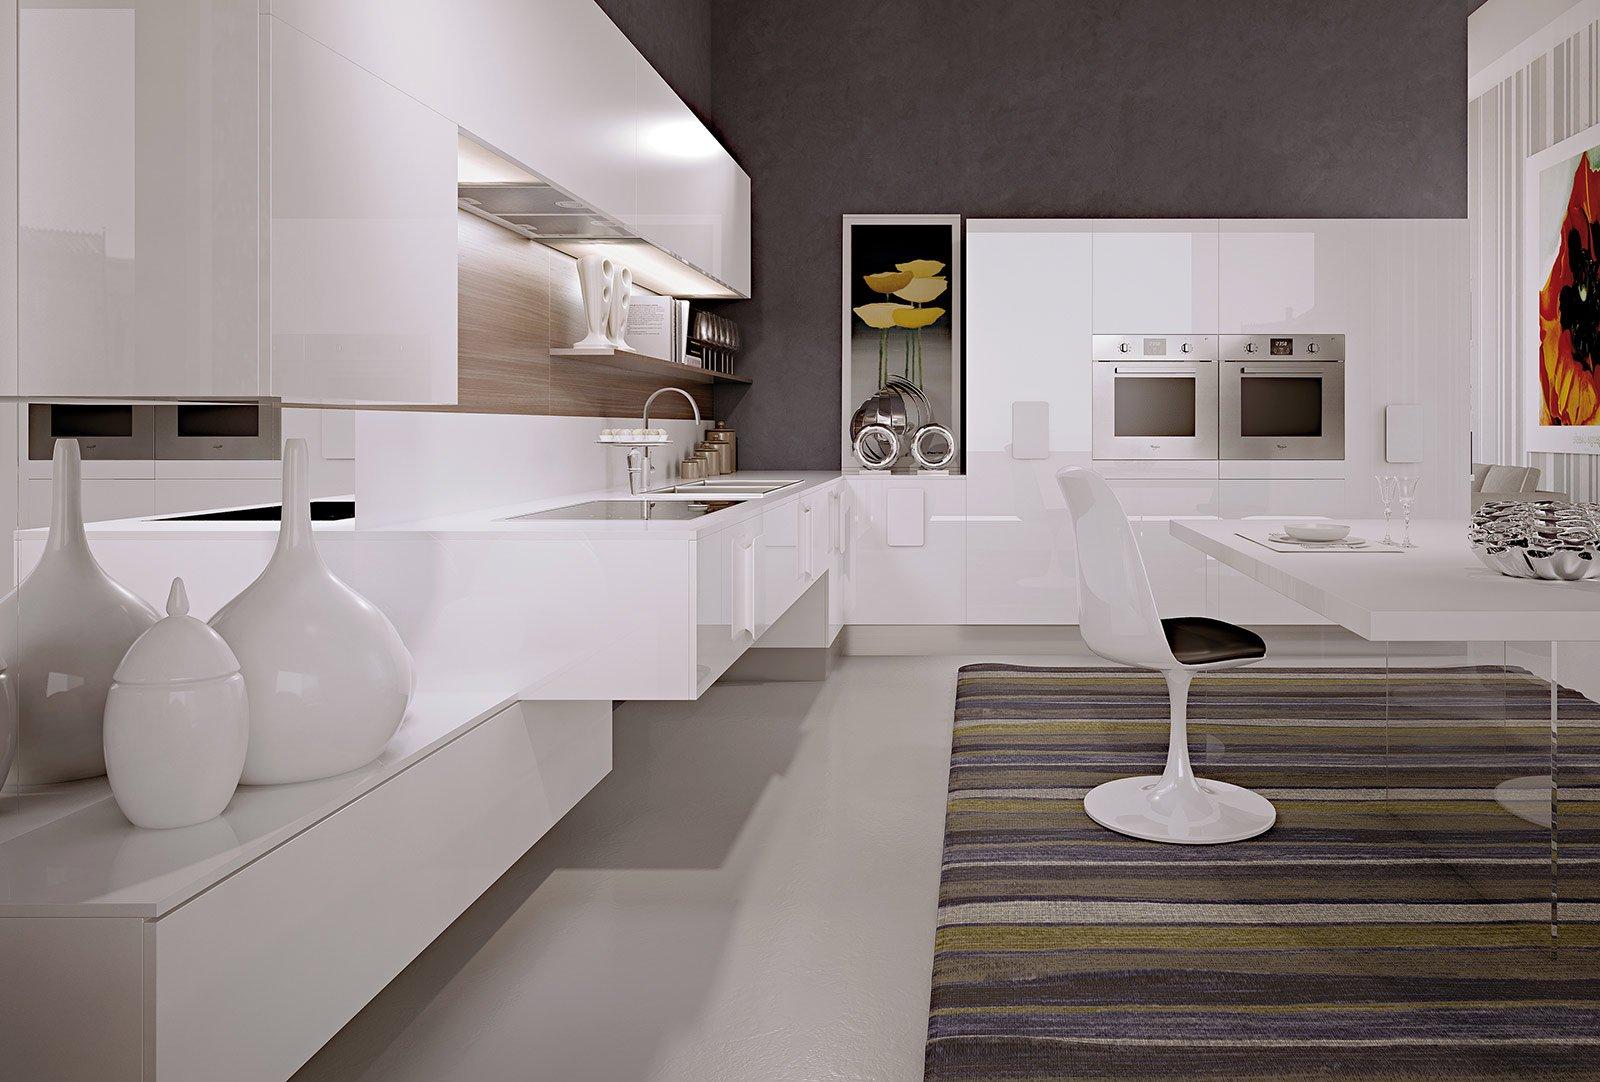 Immagini Cucine Moderne Bianche.Cucine Bianche Moderne Cose Di Casa